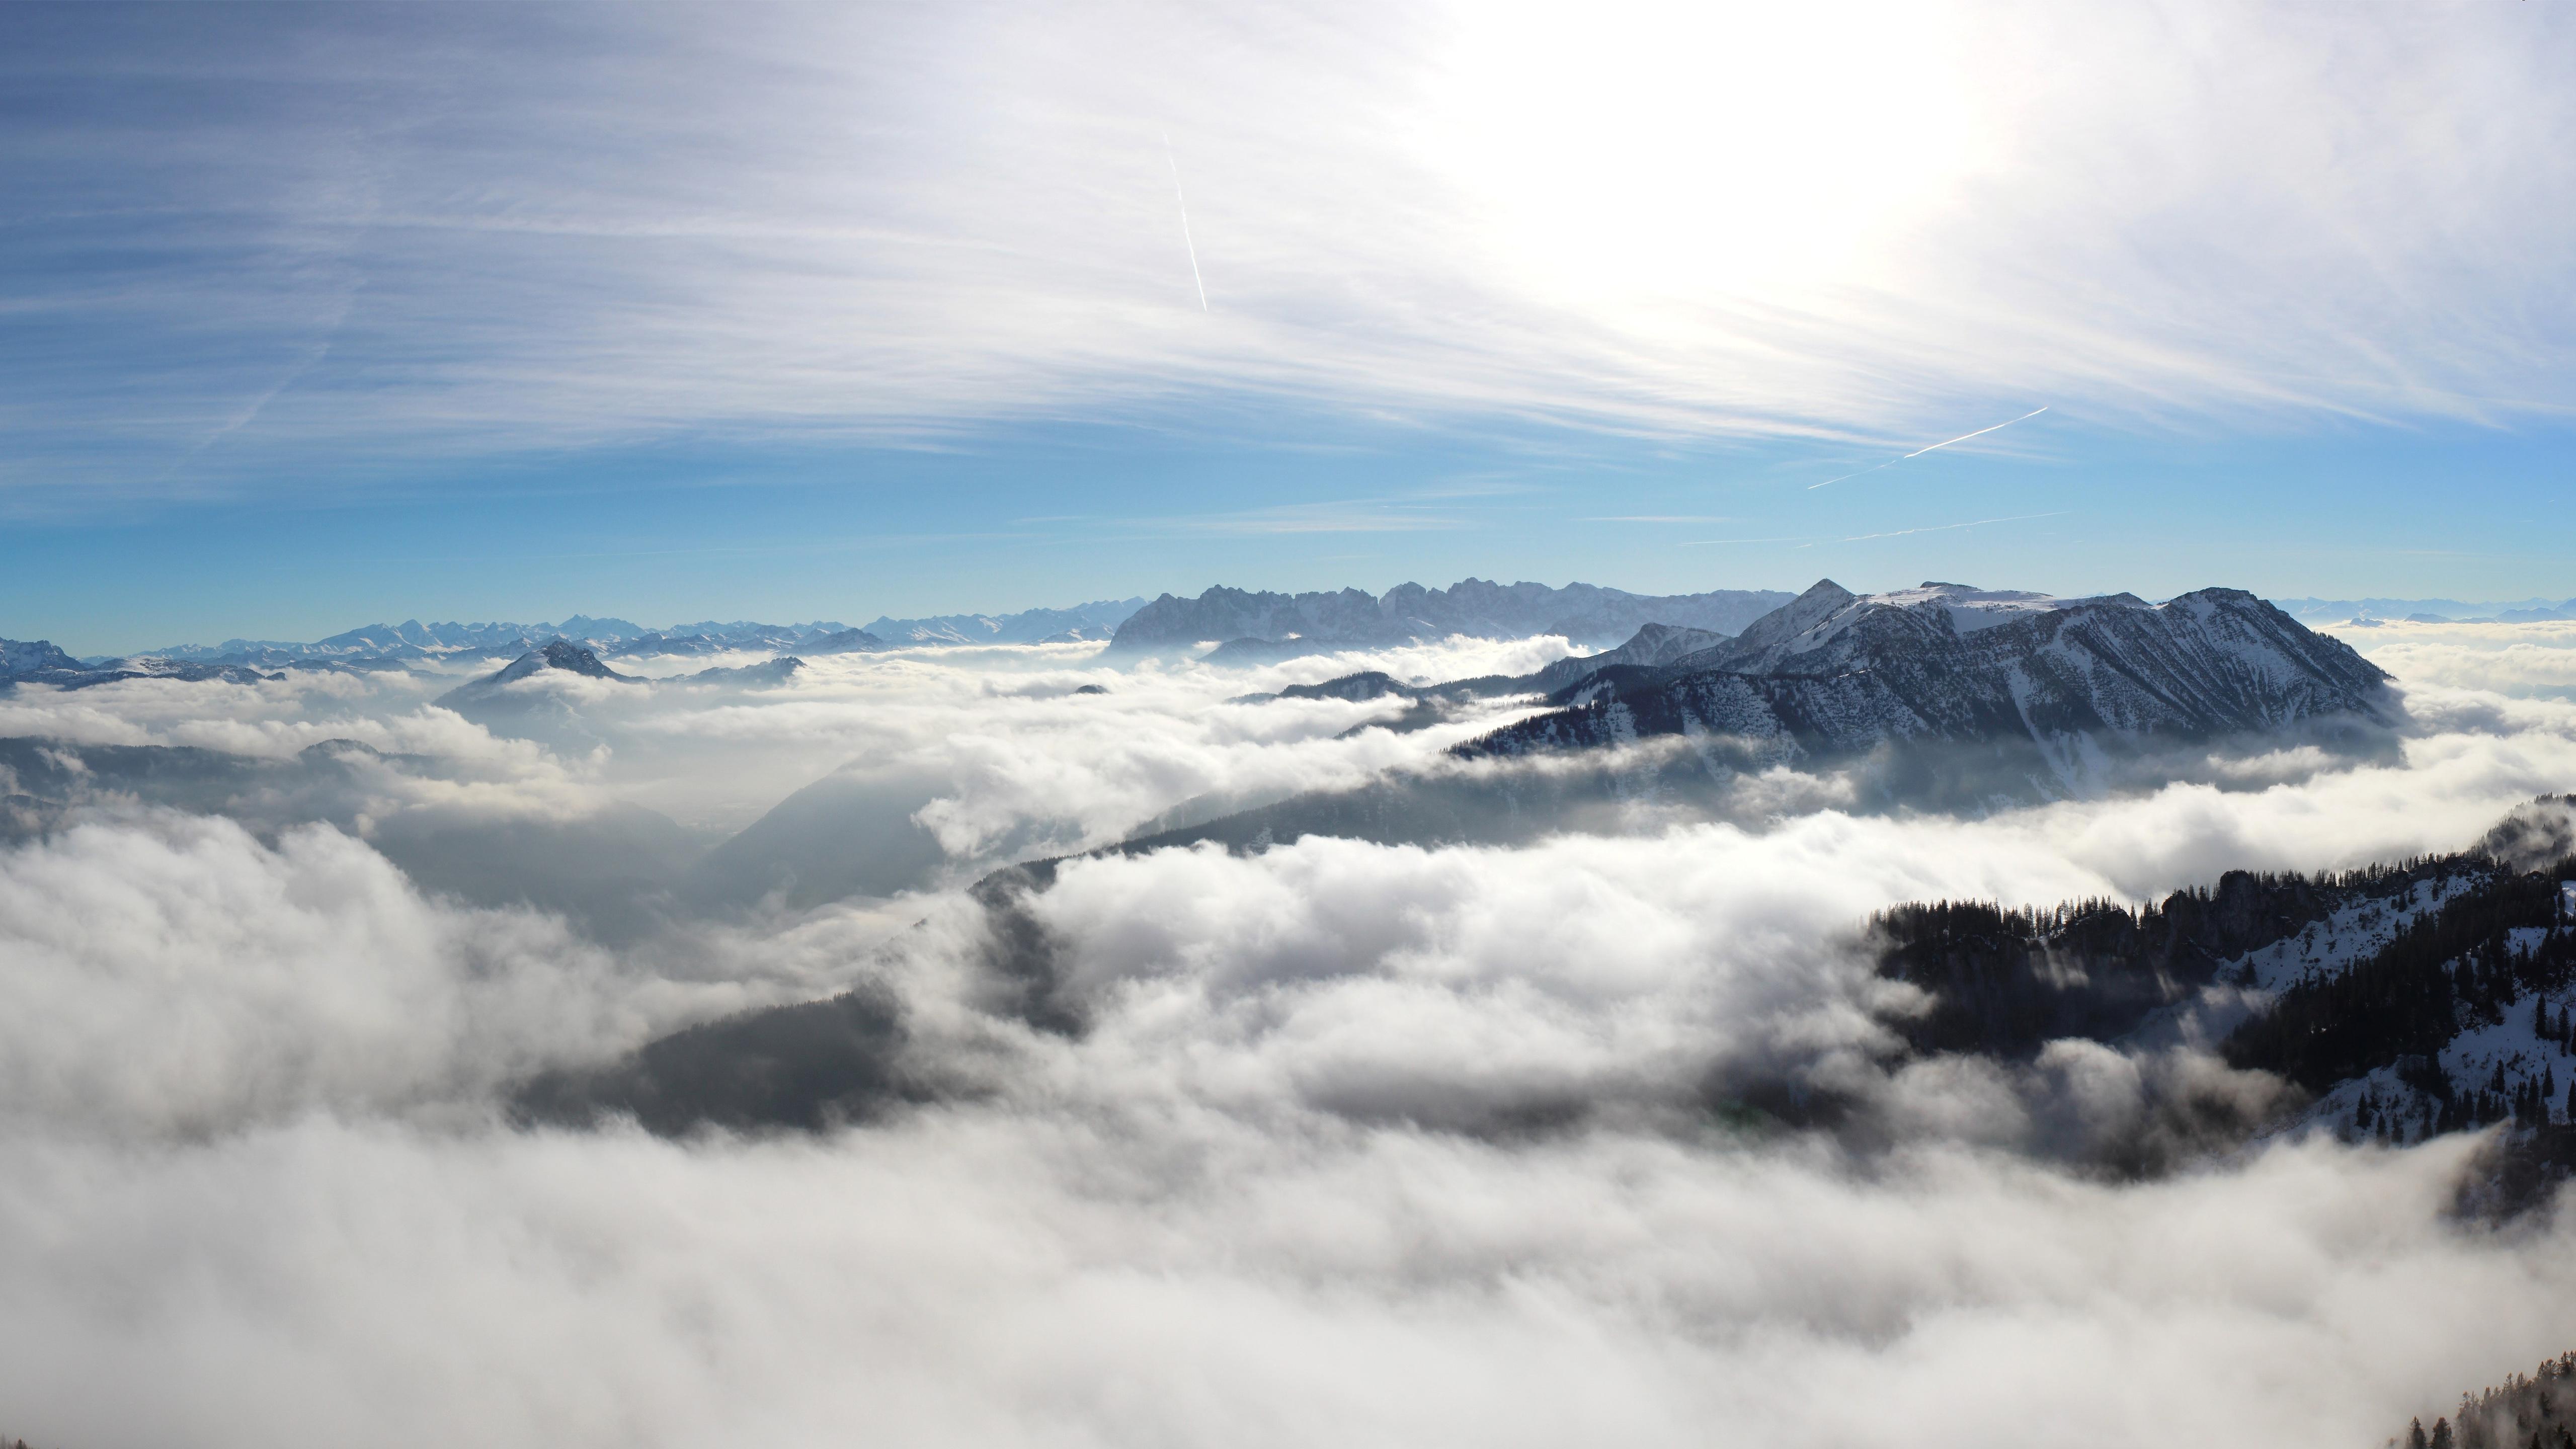 Облачно горы 5к. обои скачать